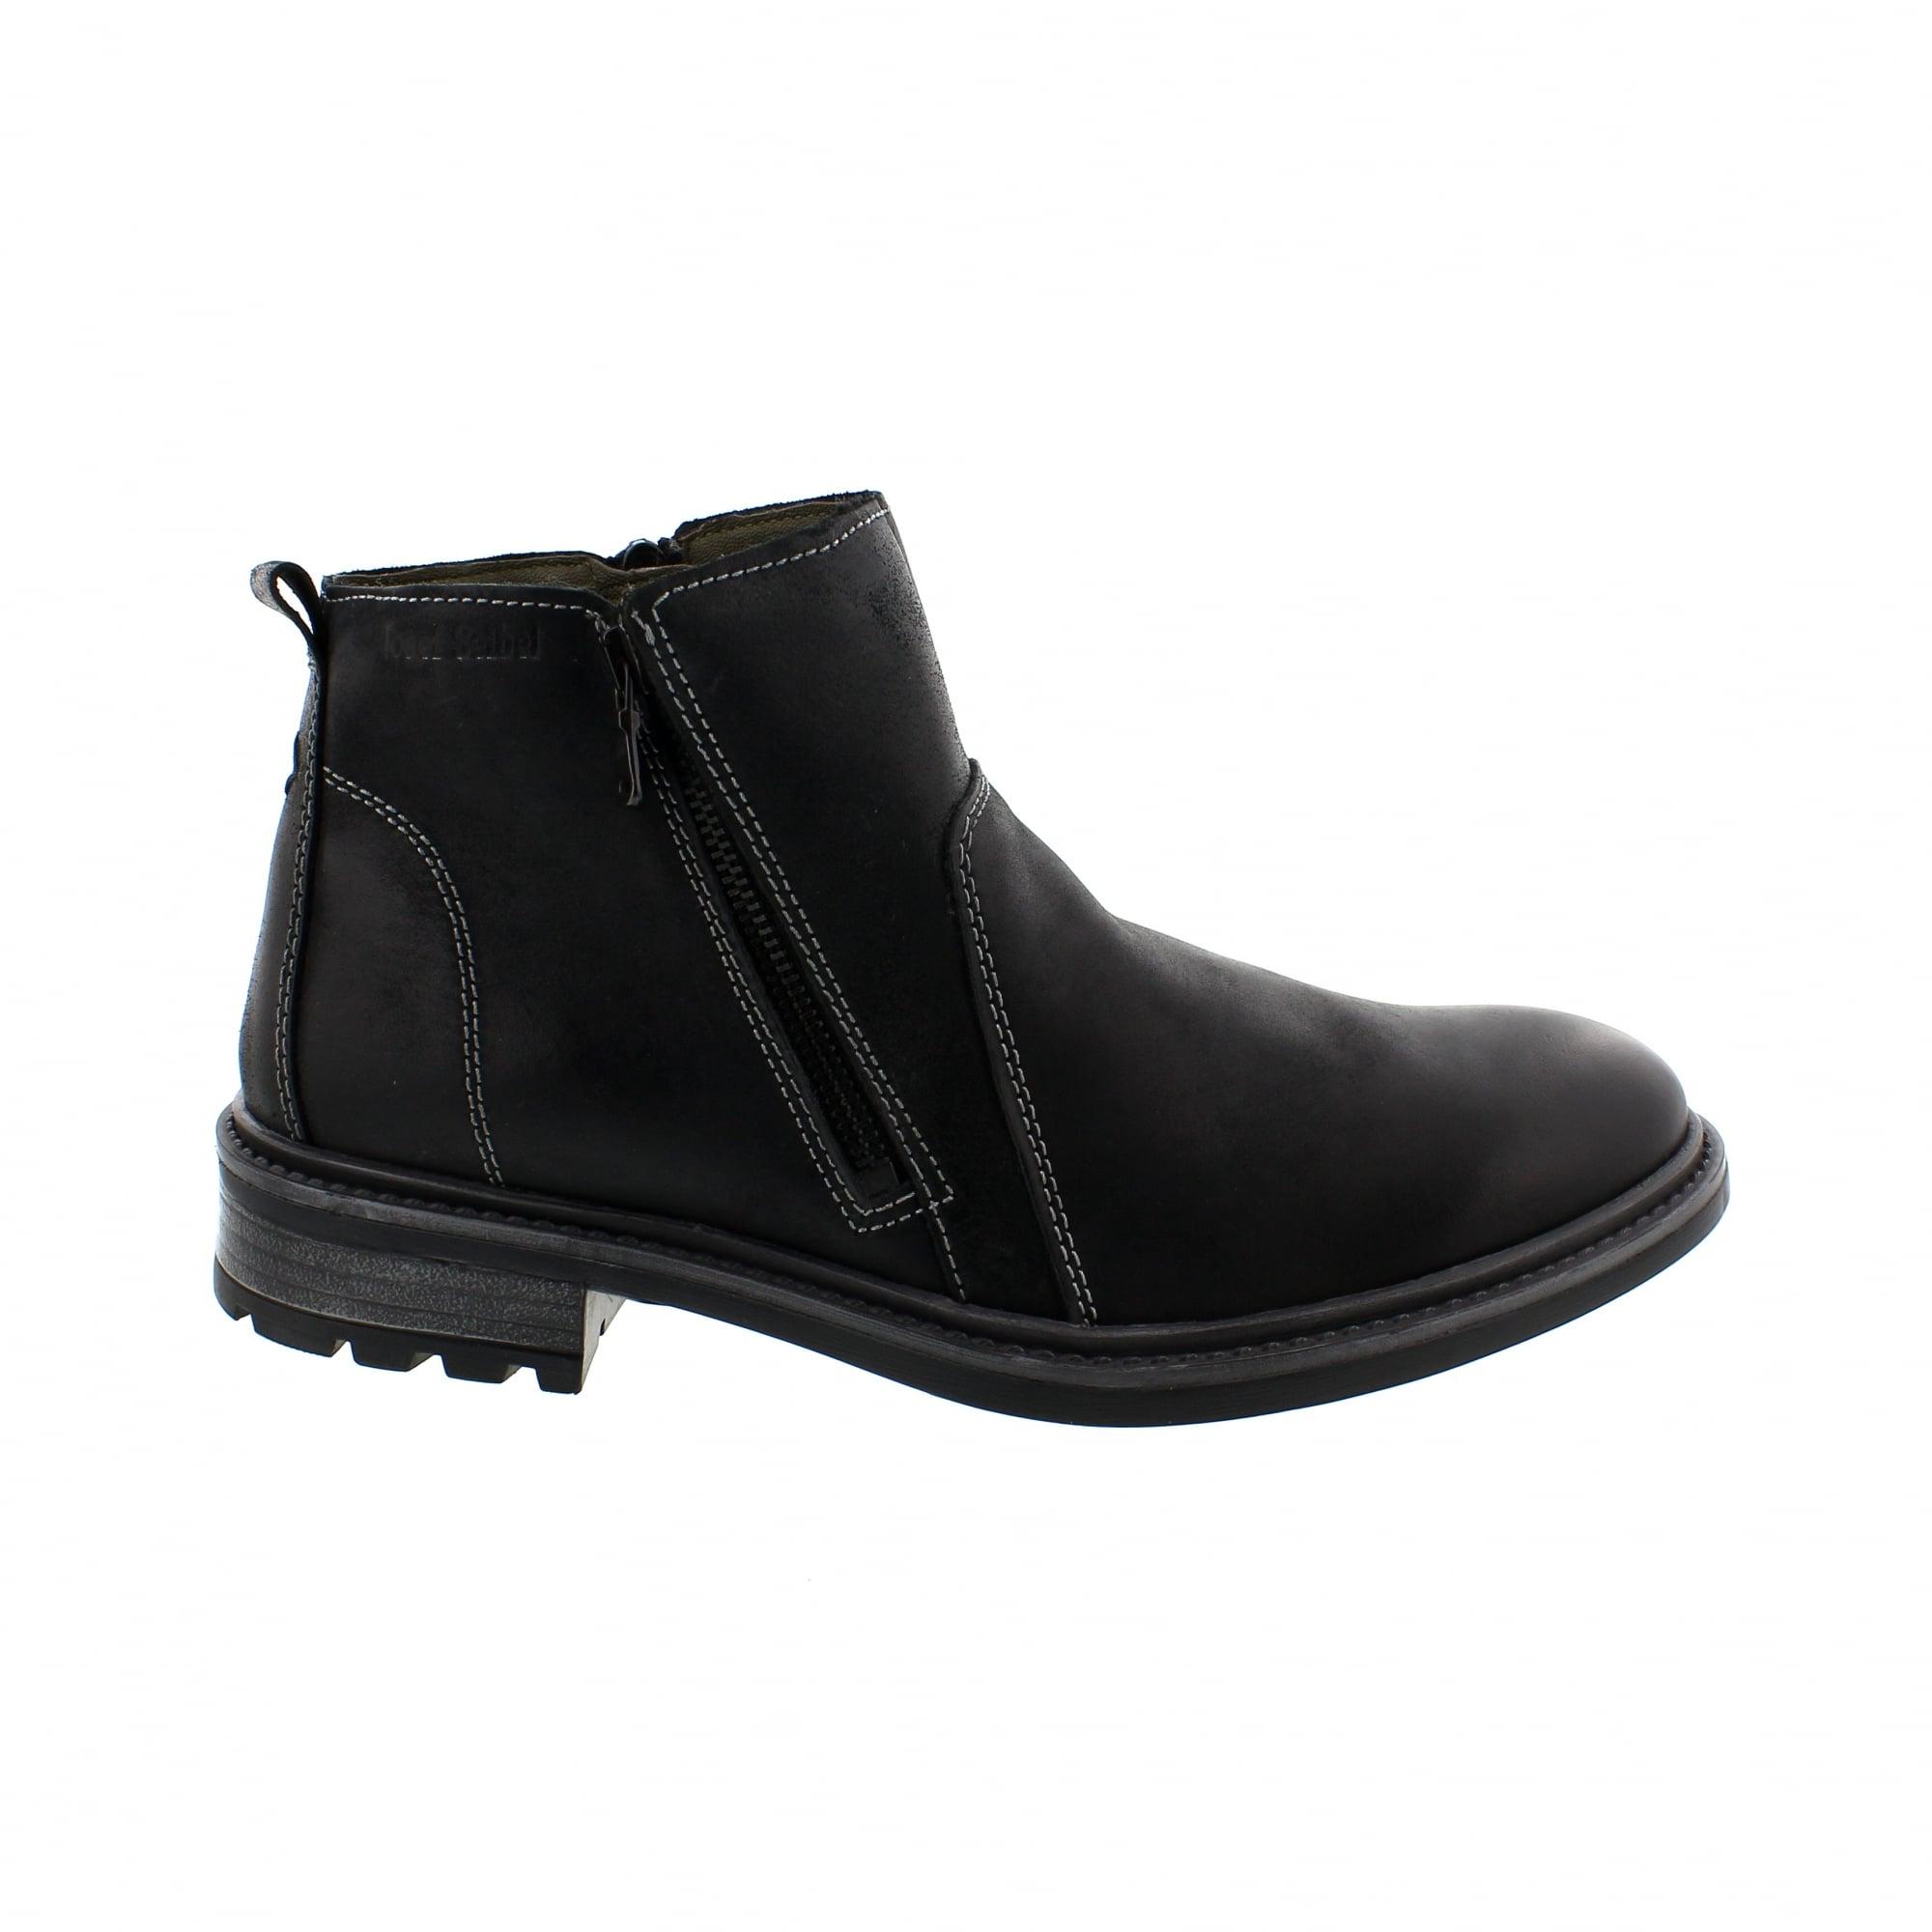 f5117ea86de67 Josef Seibel Oscar 31 36731-MA977100 Black Chelsea Boots | Rogerson ...